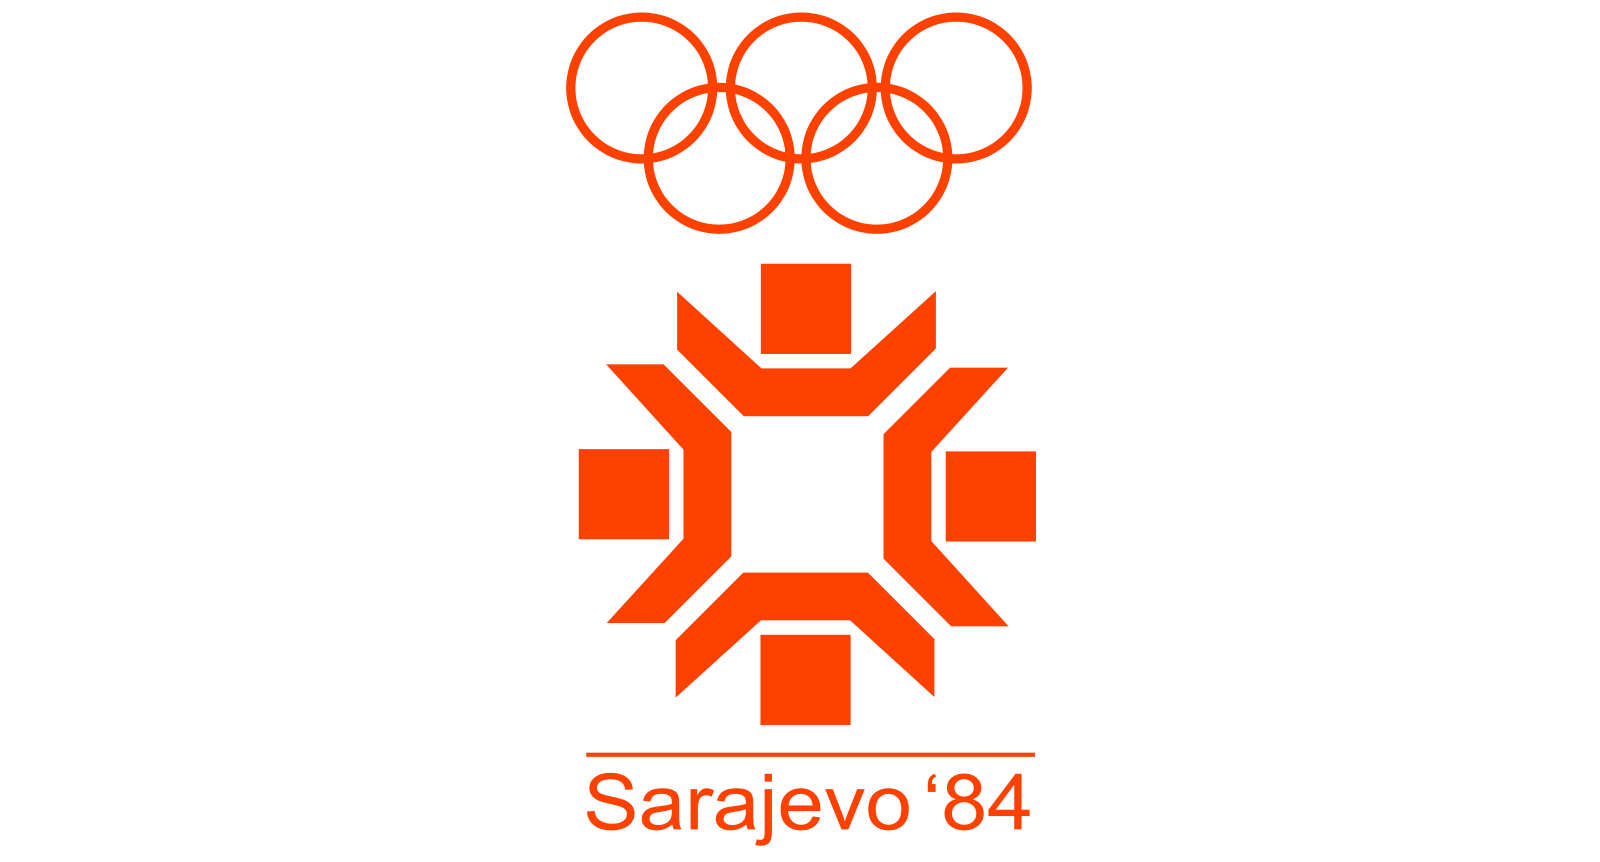 Sarajevo – Hiver 1984